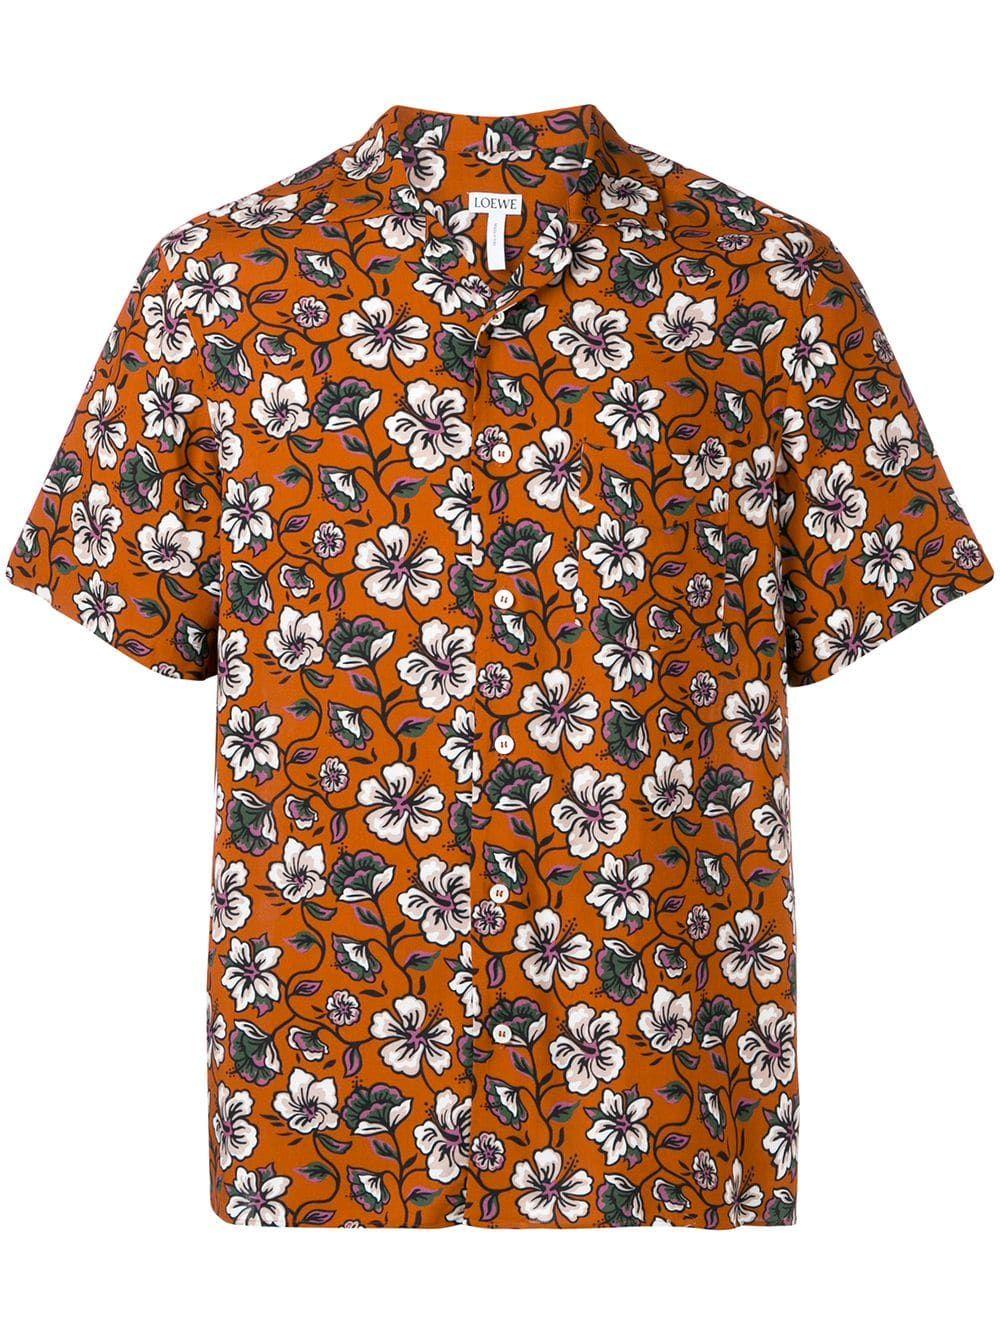 84b6fbe8 Loewe Hawaiian pattern shirt - Brown | Products in 2019 | Hawaiian ...